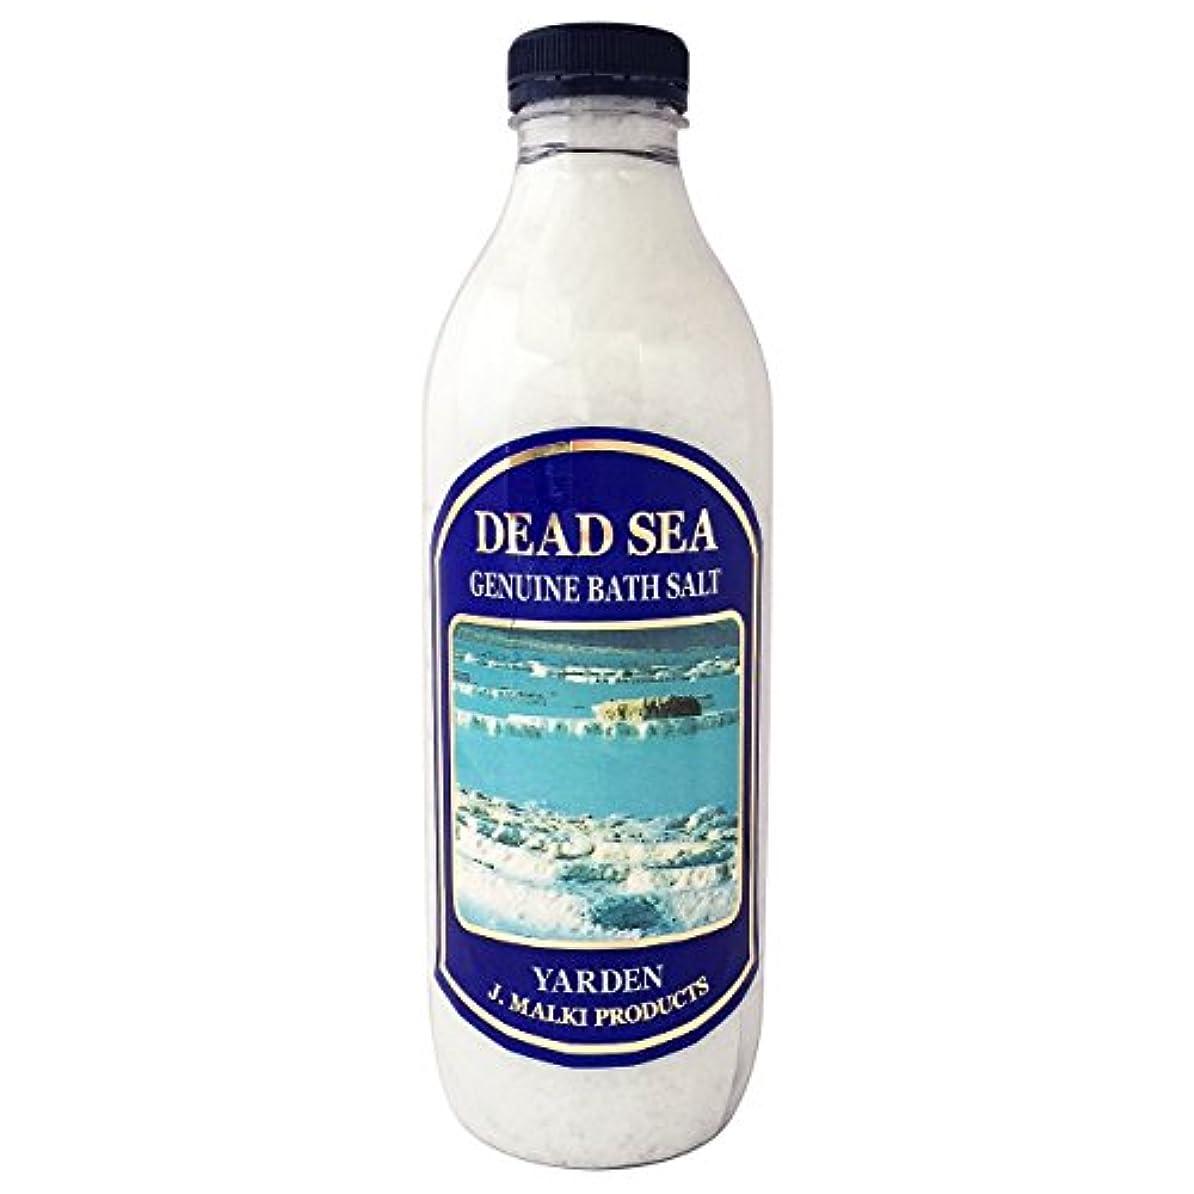 ポンドその丈夫デッドシー?バスソルト 1kg(約10回分)【DEAD SEA BATH SALT】死海の塩/入浴剤(入浴用化粧品)